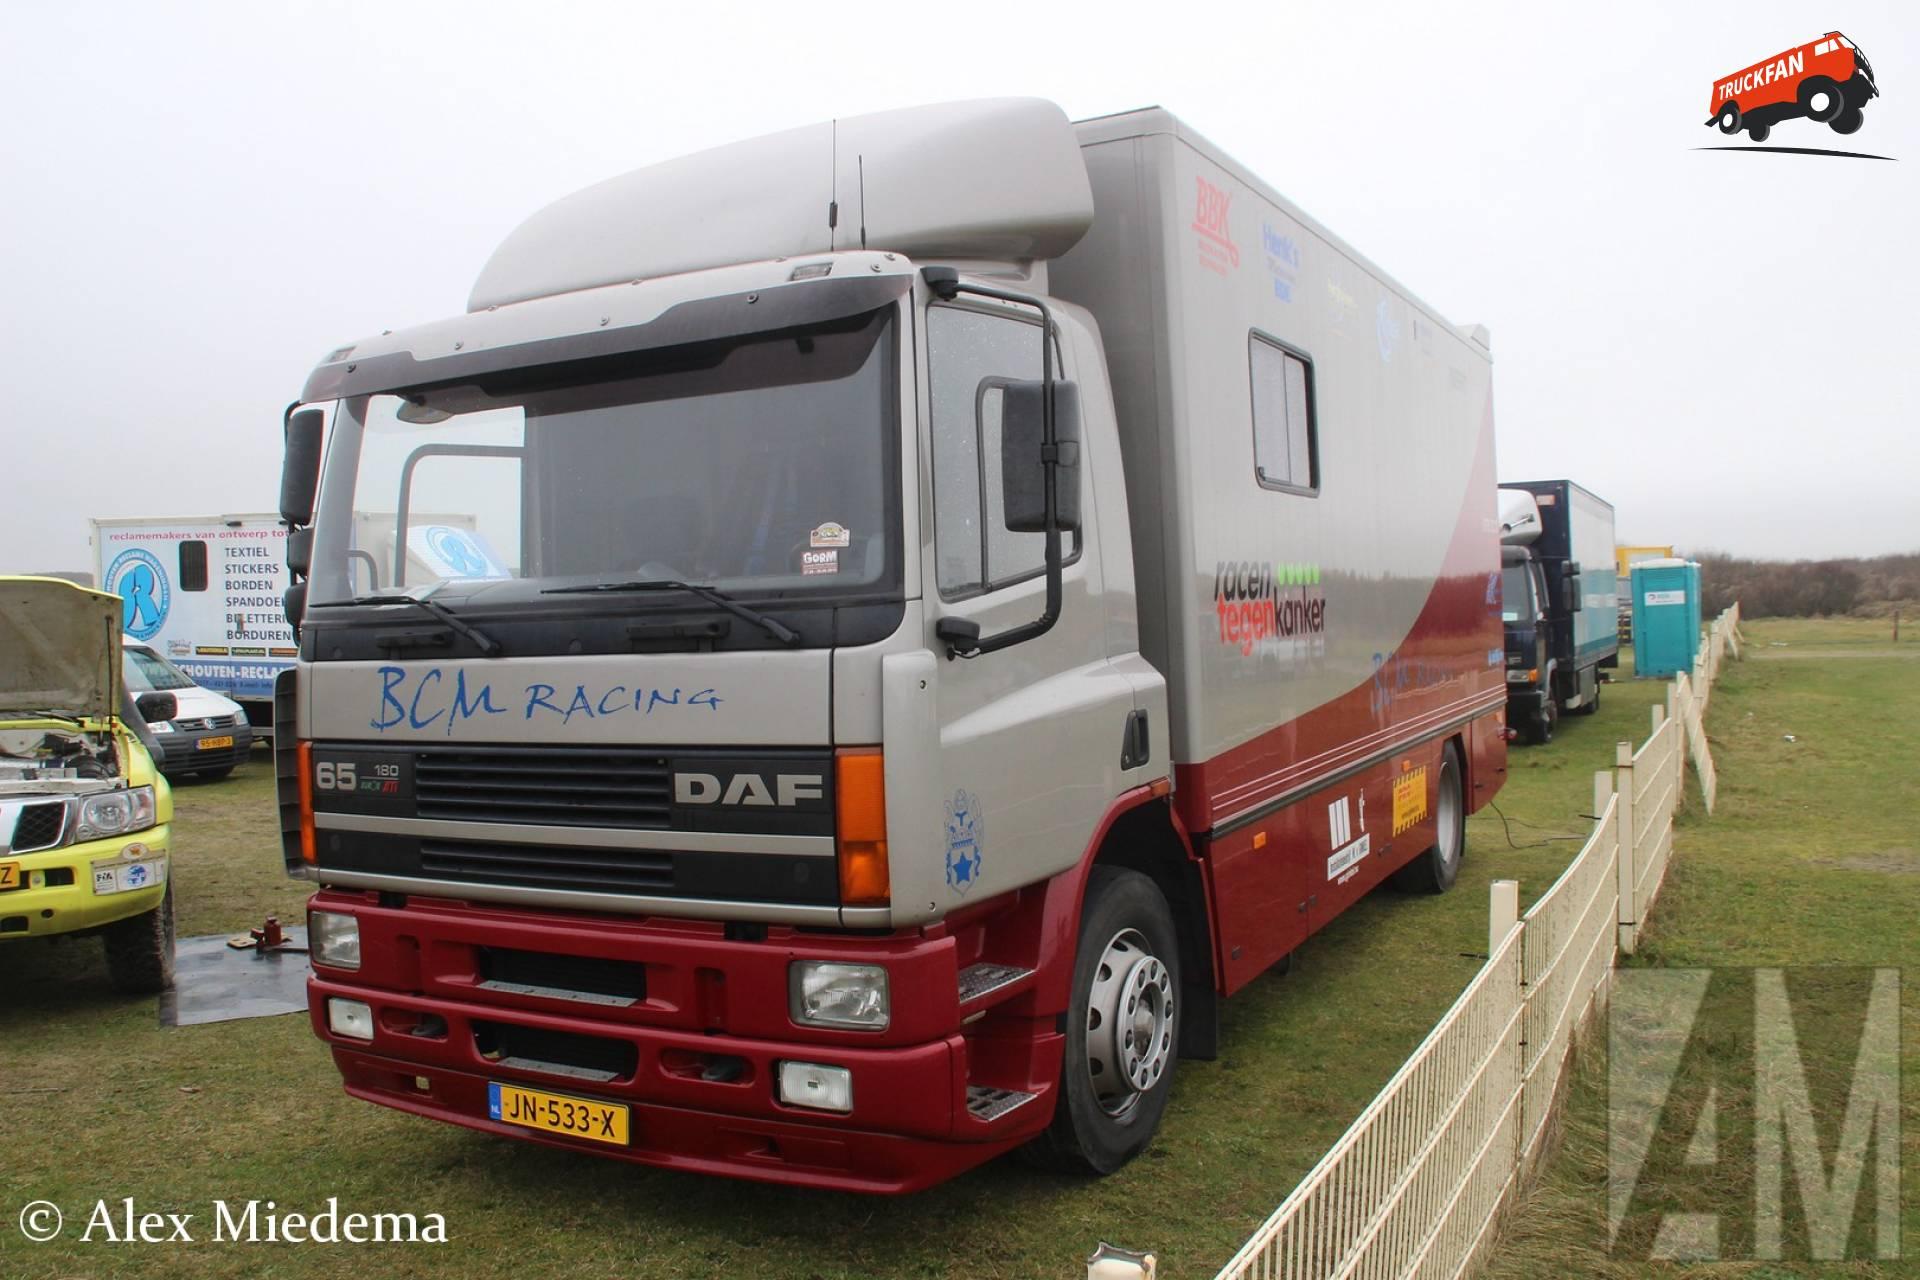 DAF 65